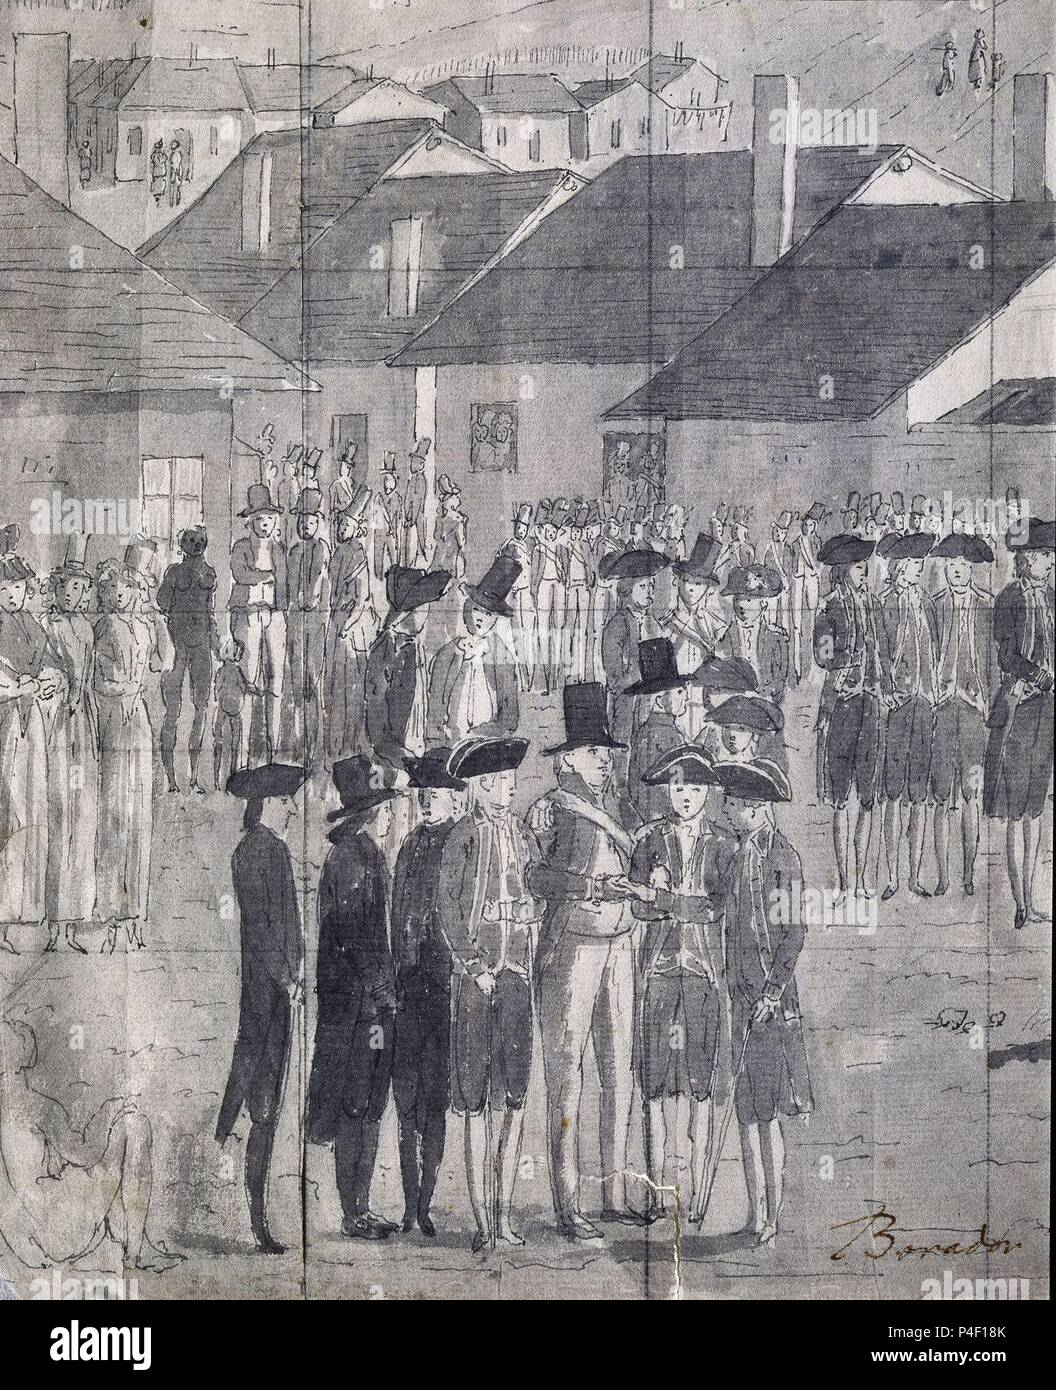 DETALLE DEL BORRADOR DEL RECIBIMIENTO DE LOS OFICIALES EN BAHIA BOTANICA - DIBUJO - SIGLO XVIII - EXPEDICION MALASPINA - PAPEL VERJURADO. Author: Juan Ravenet (1766-1821). Location: MUSEO DE AMERICA-COLECCION, MADRID, SPAIN. Stock Photo